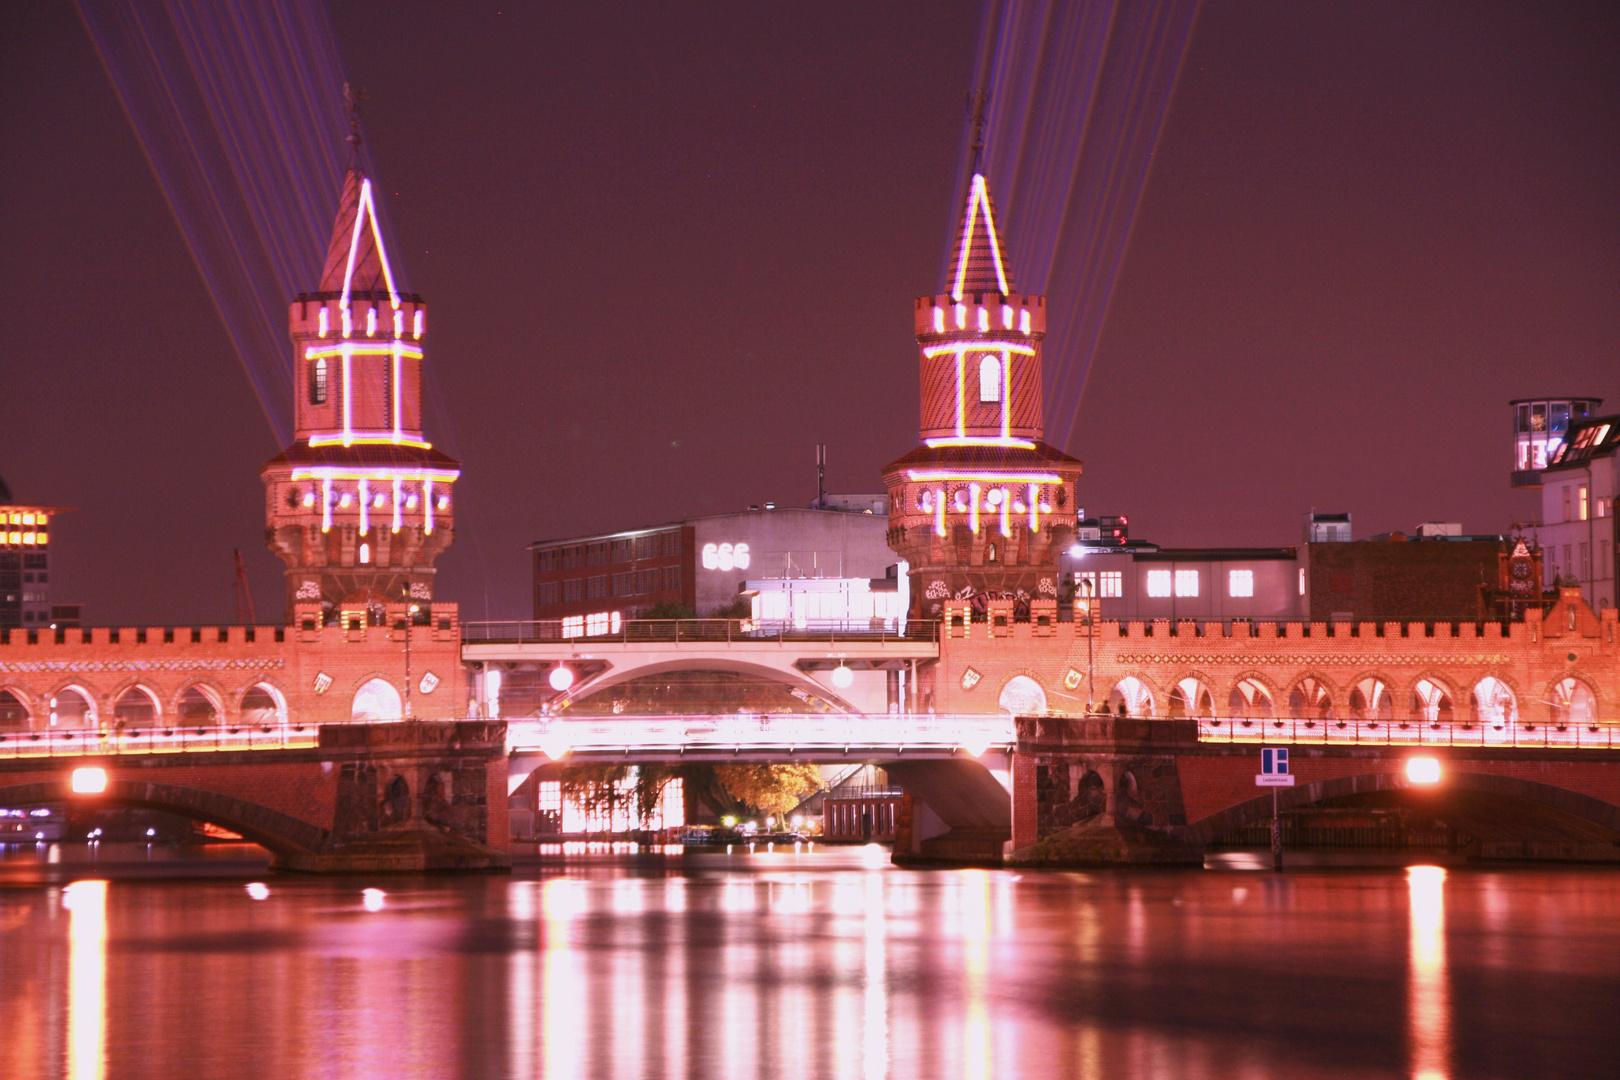 BERLIN FESTIVAL OF LIGHTS 2013_4